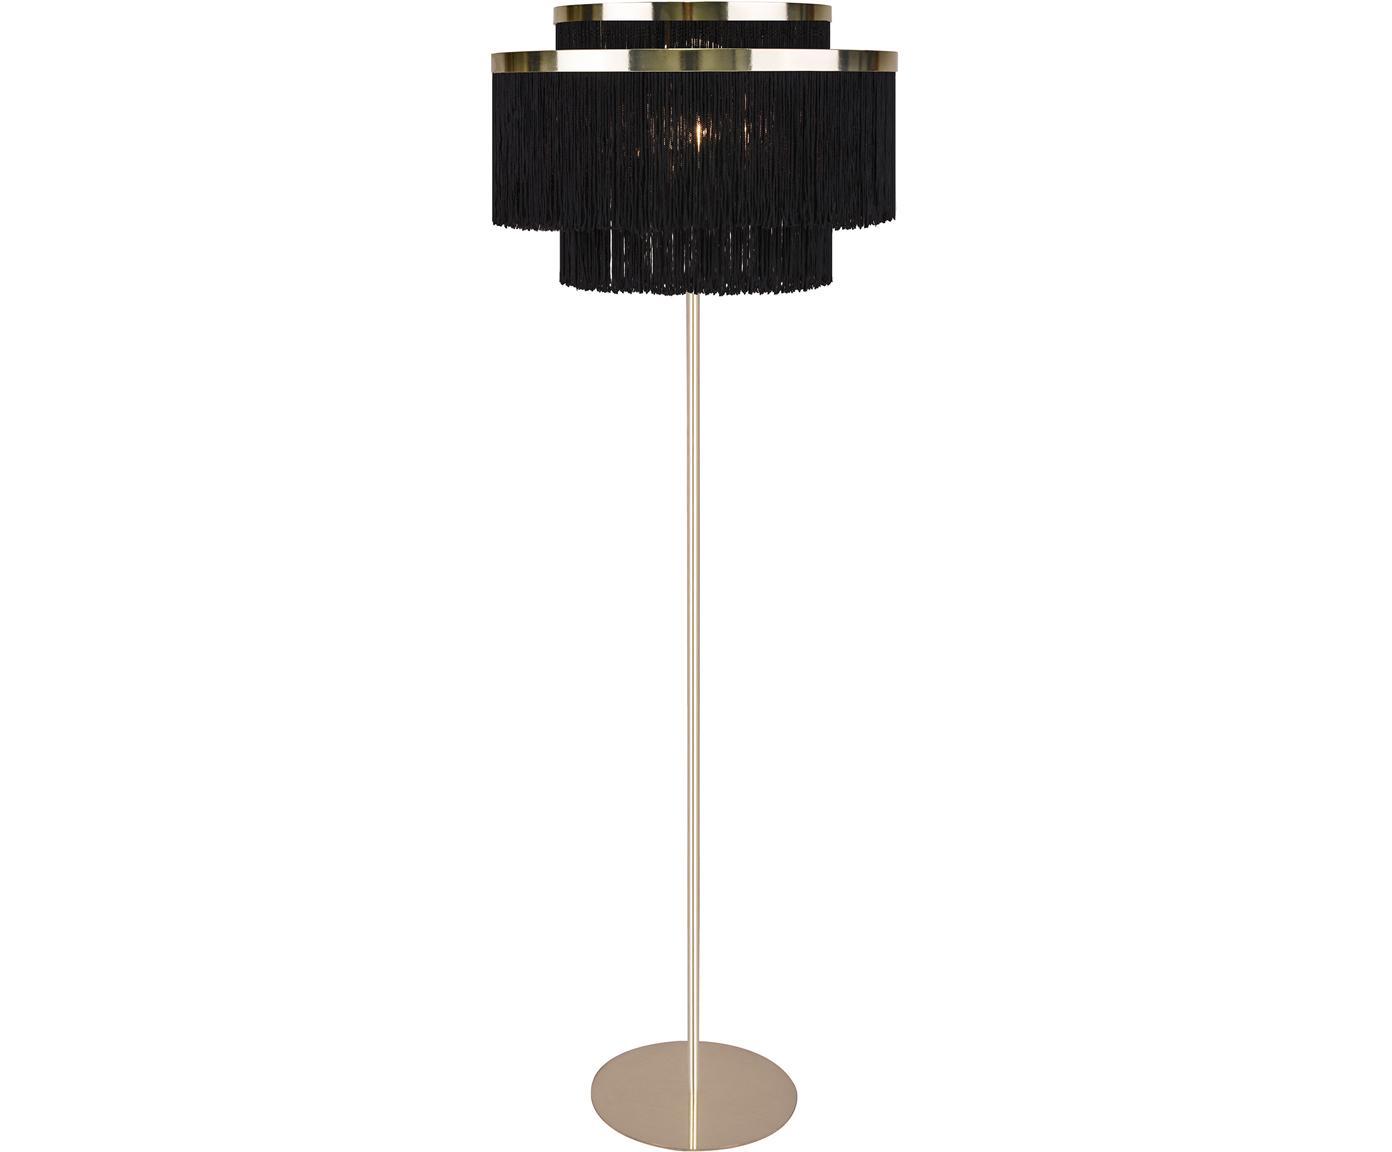 Lampa podłogowa Frans, Tkanina, metal, Czarny, odcienie złotego, Ø 52 x W 158 cm